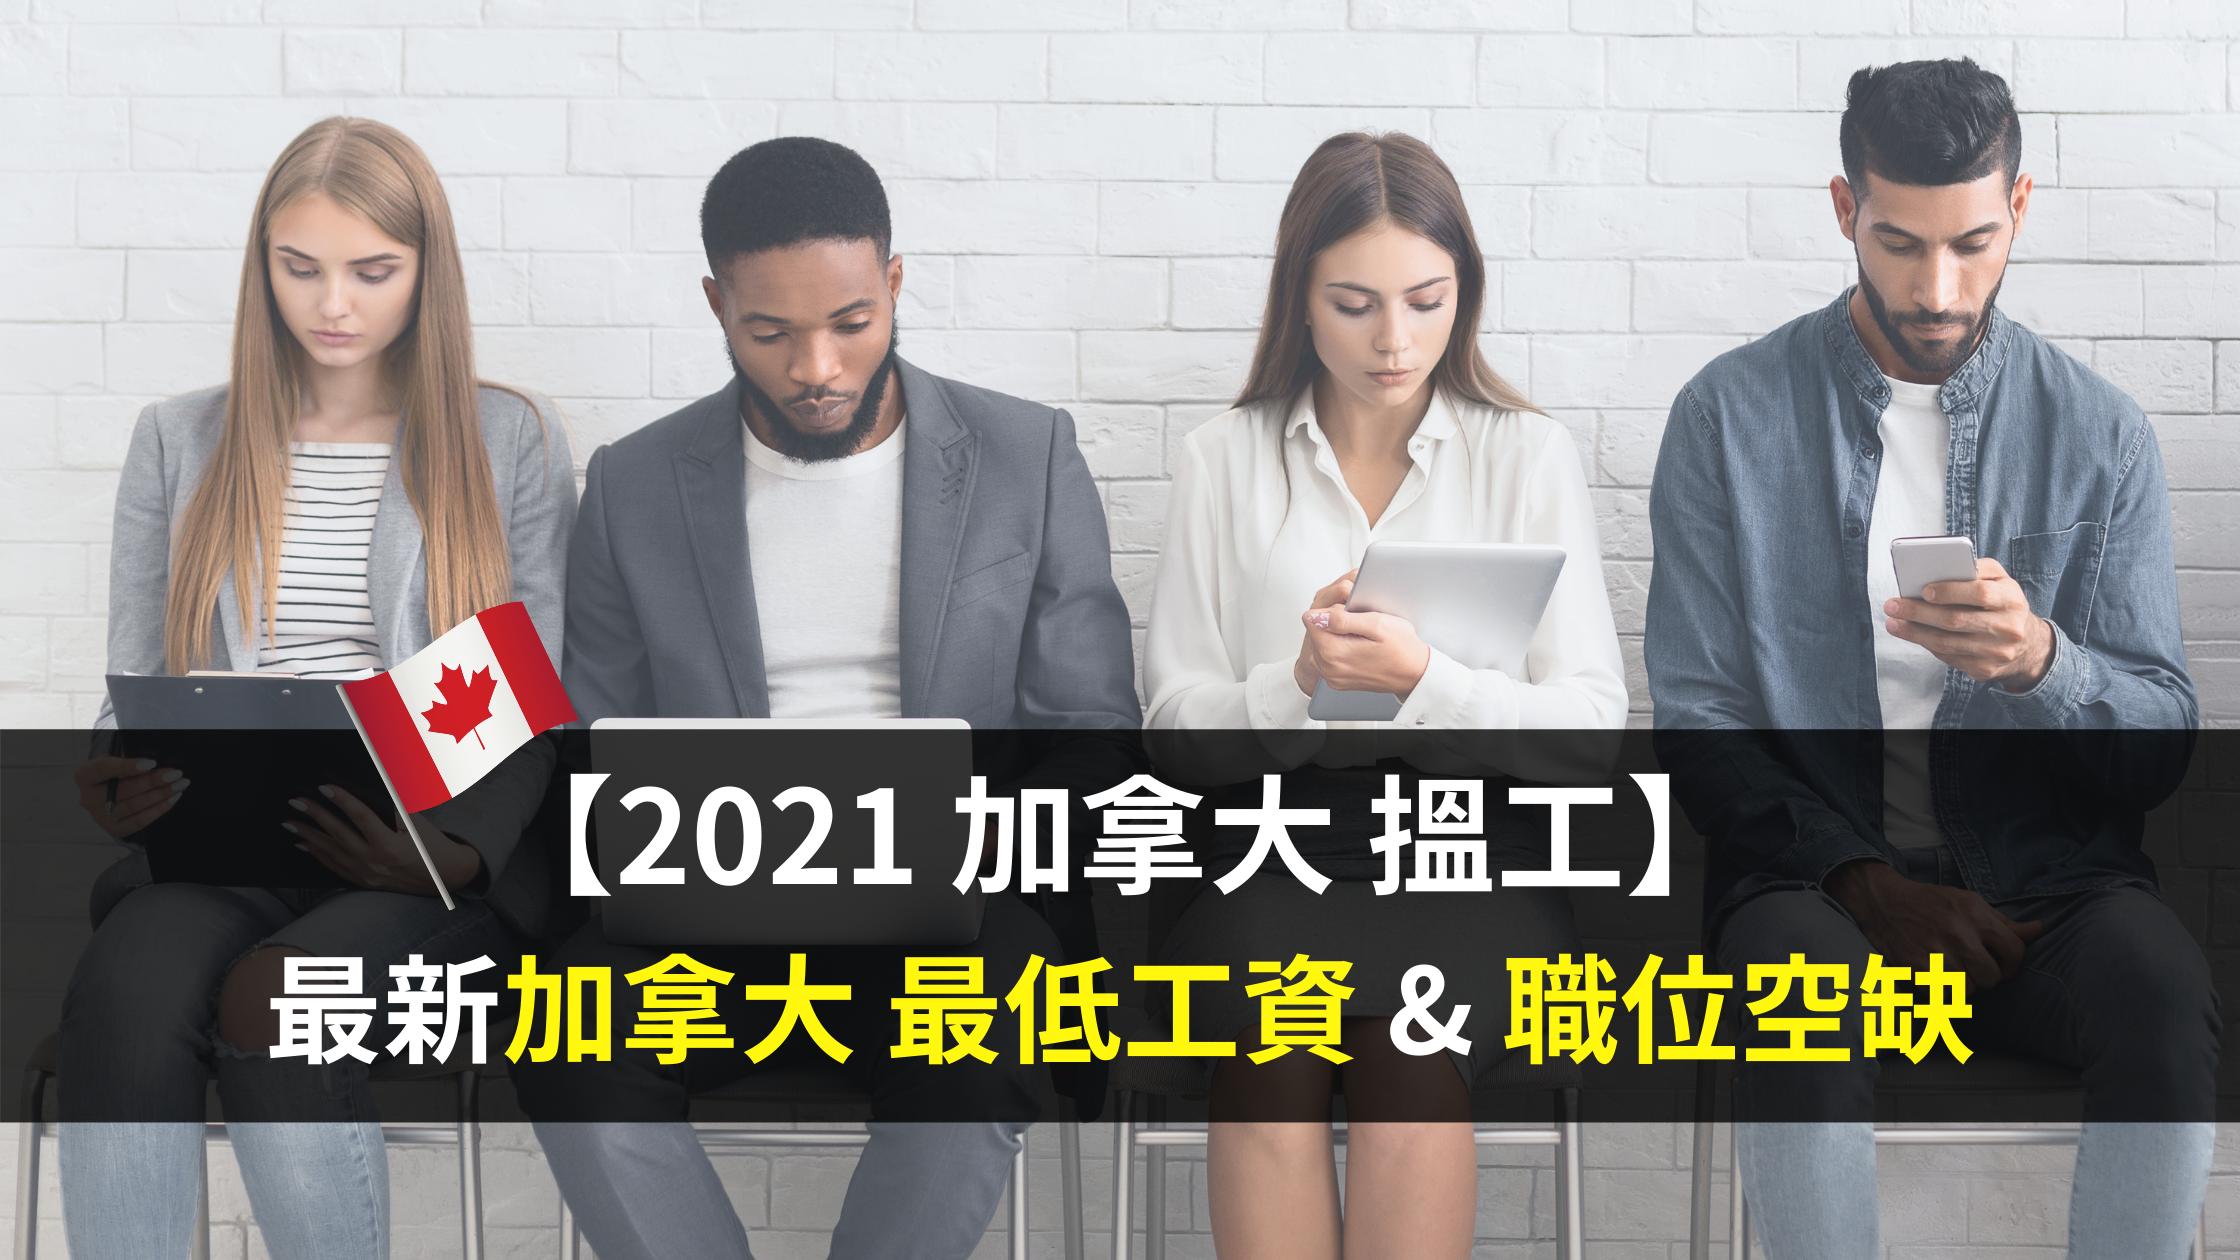 【2021 加拿大 搵工】最新加拿大 最低工資 同 職位空缺